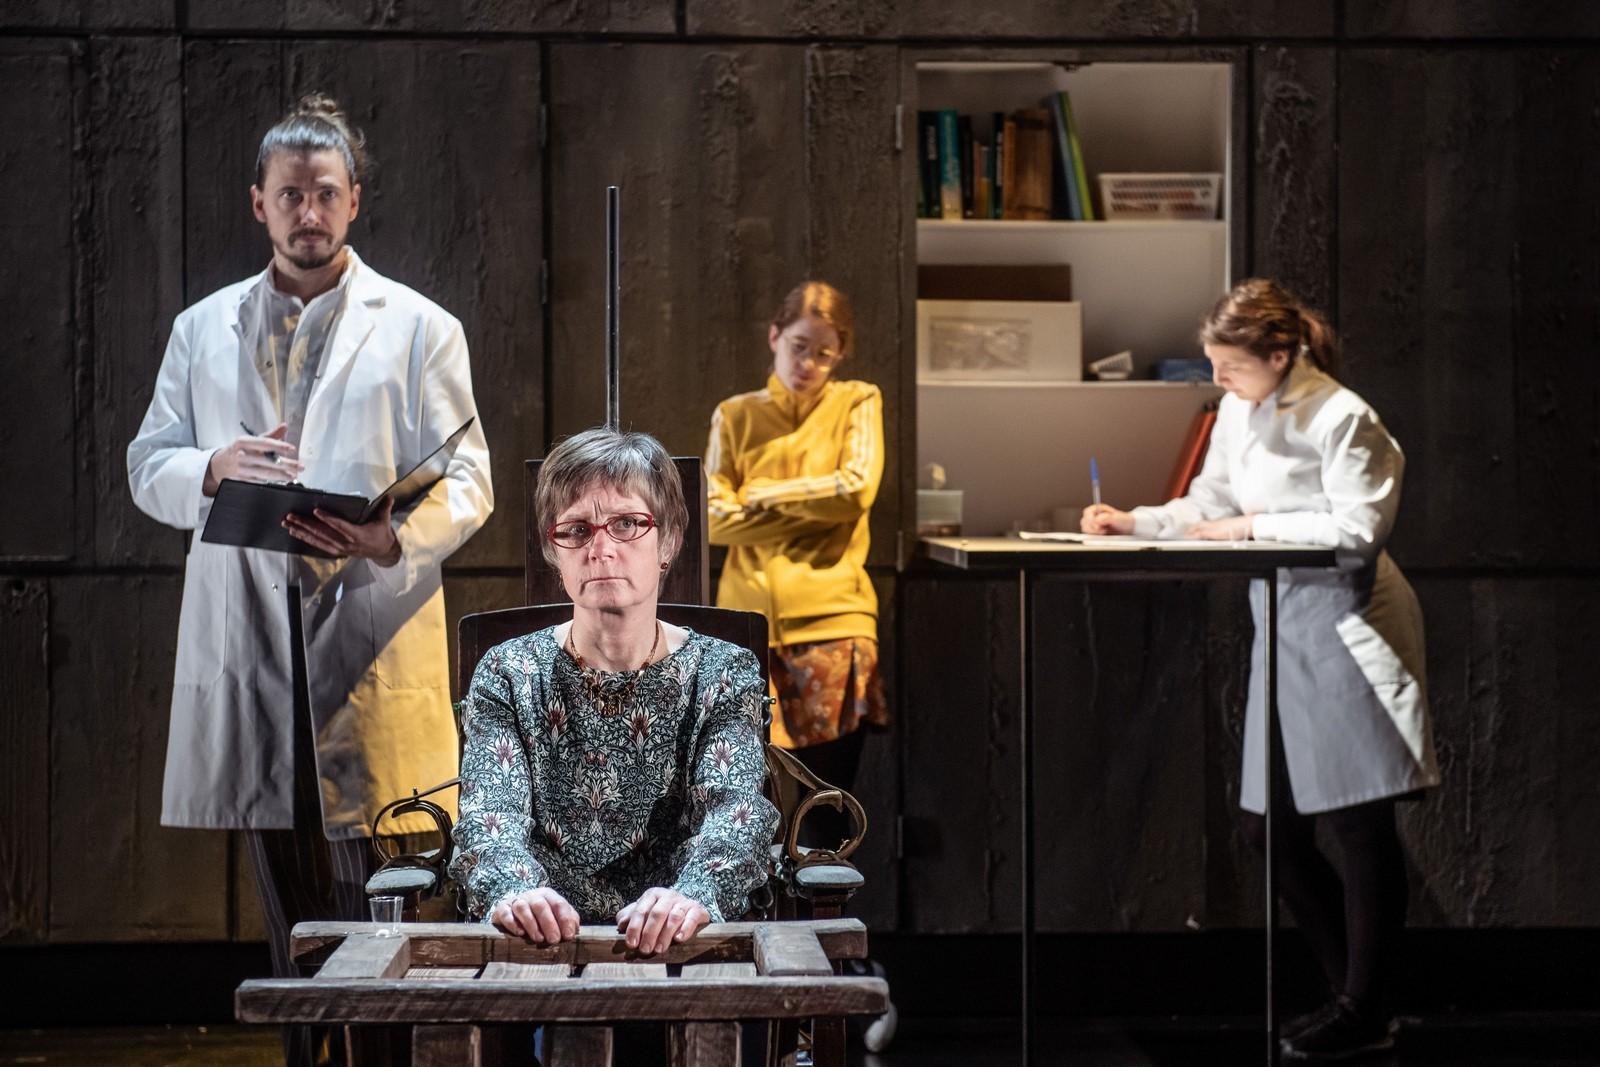 Anmeldelse: Menneskebyrden, Det Kongelige Teater (Stages of Science)